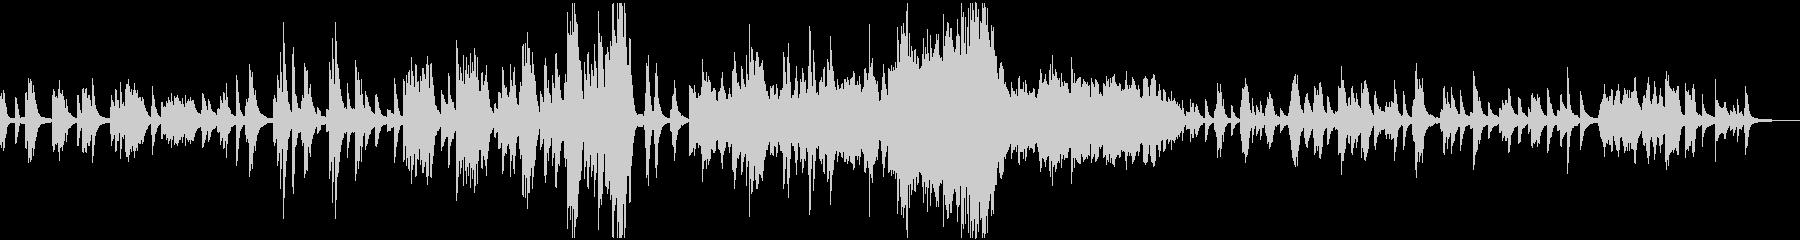 ドビュッシー「月の光」ピアノ独奏曲の未再生の波形